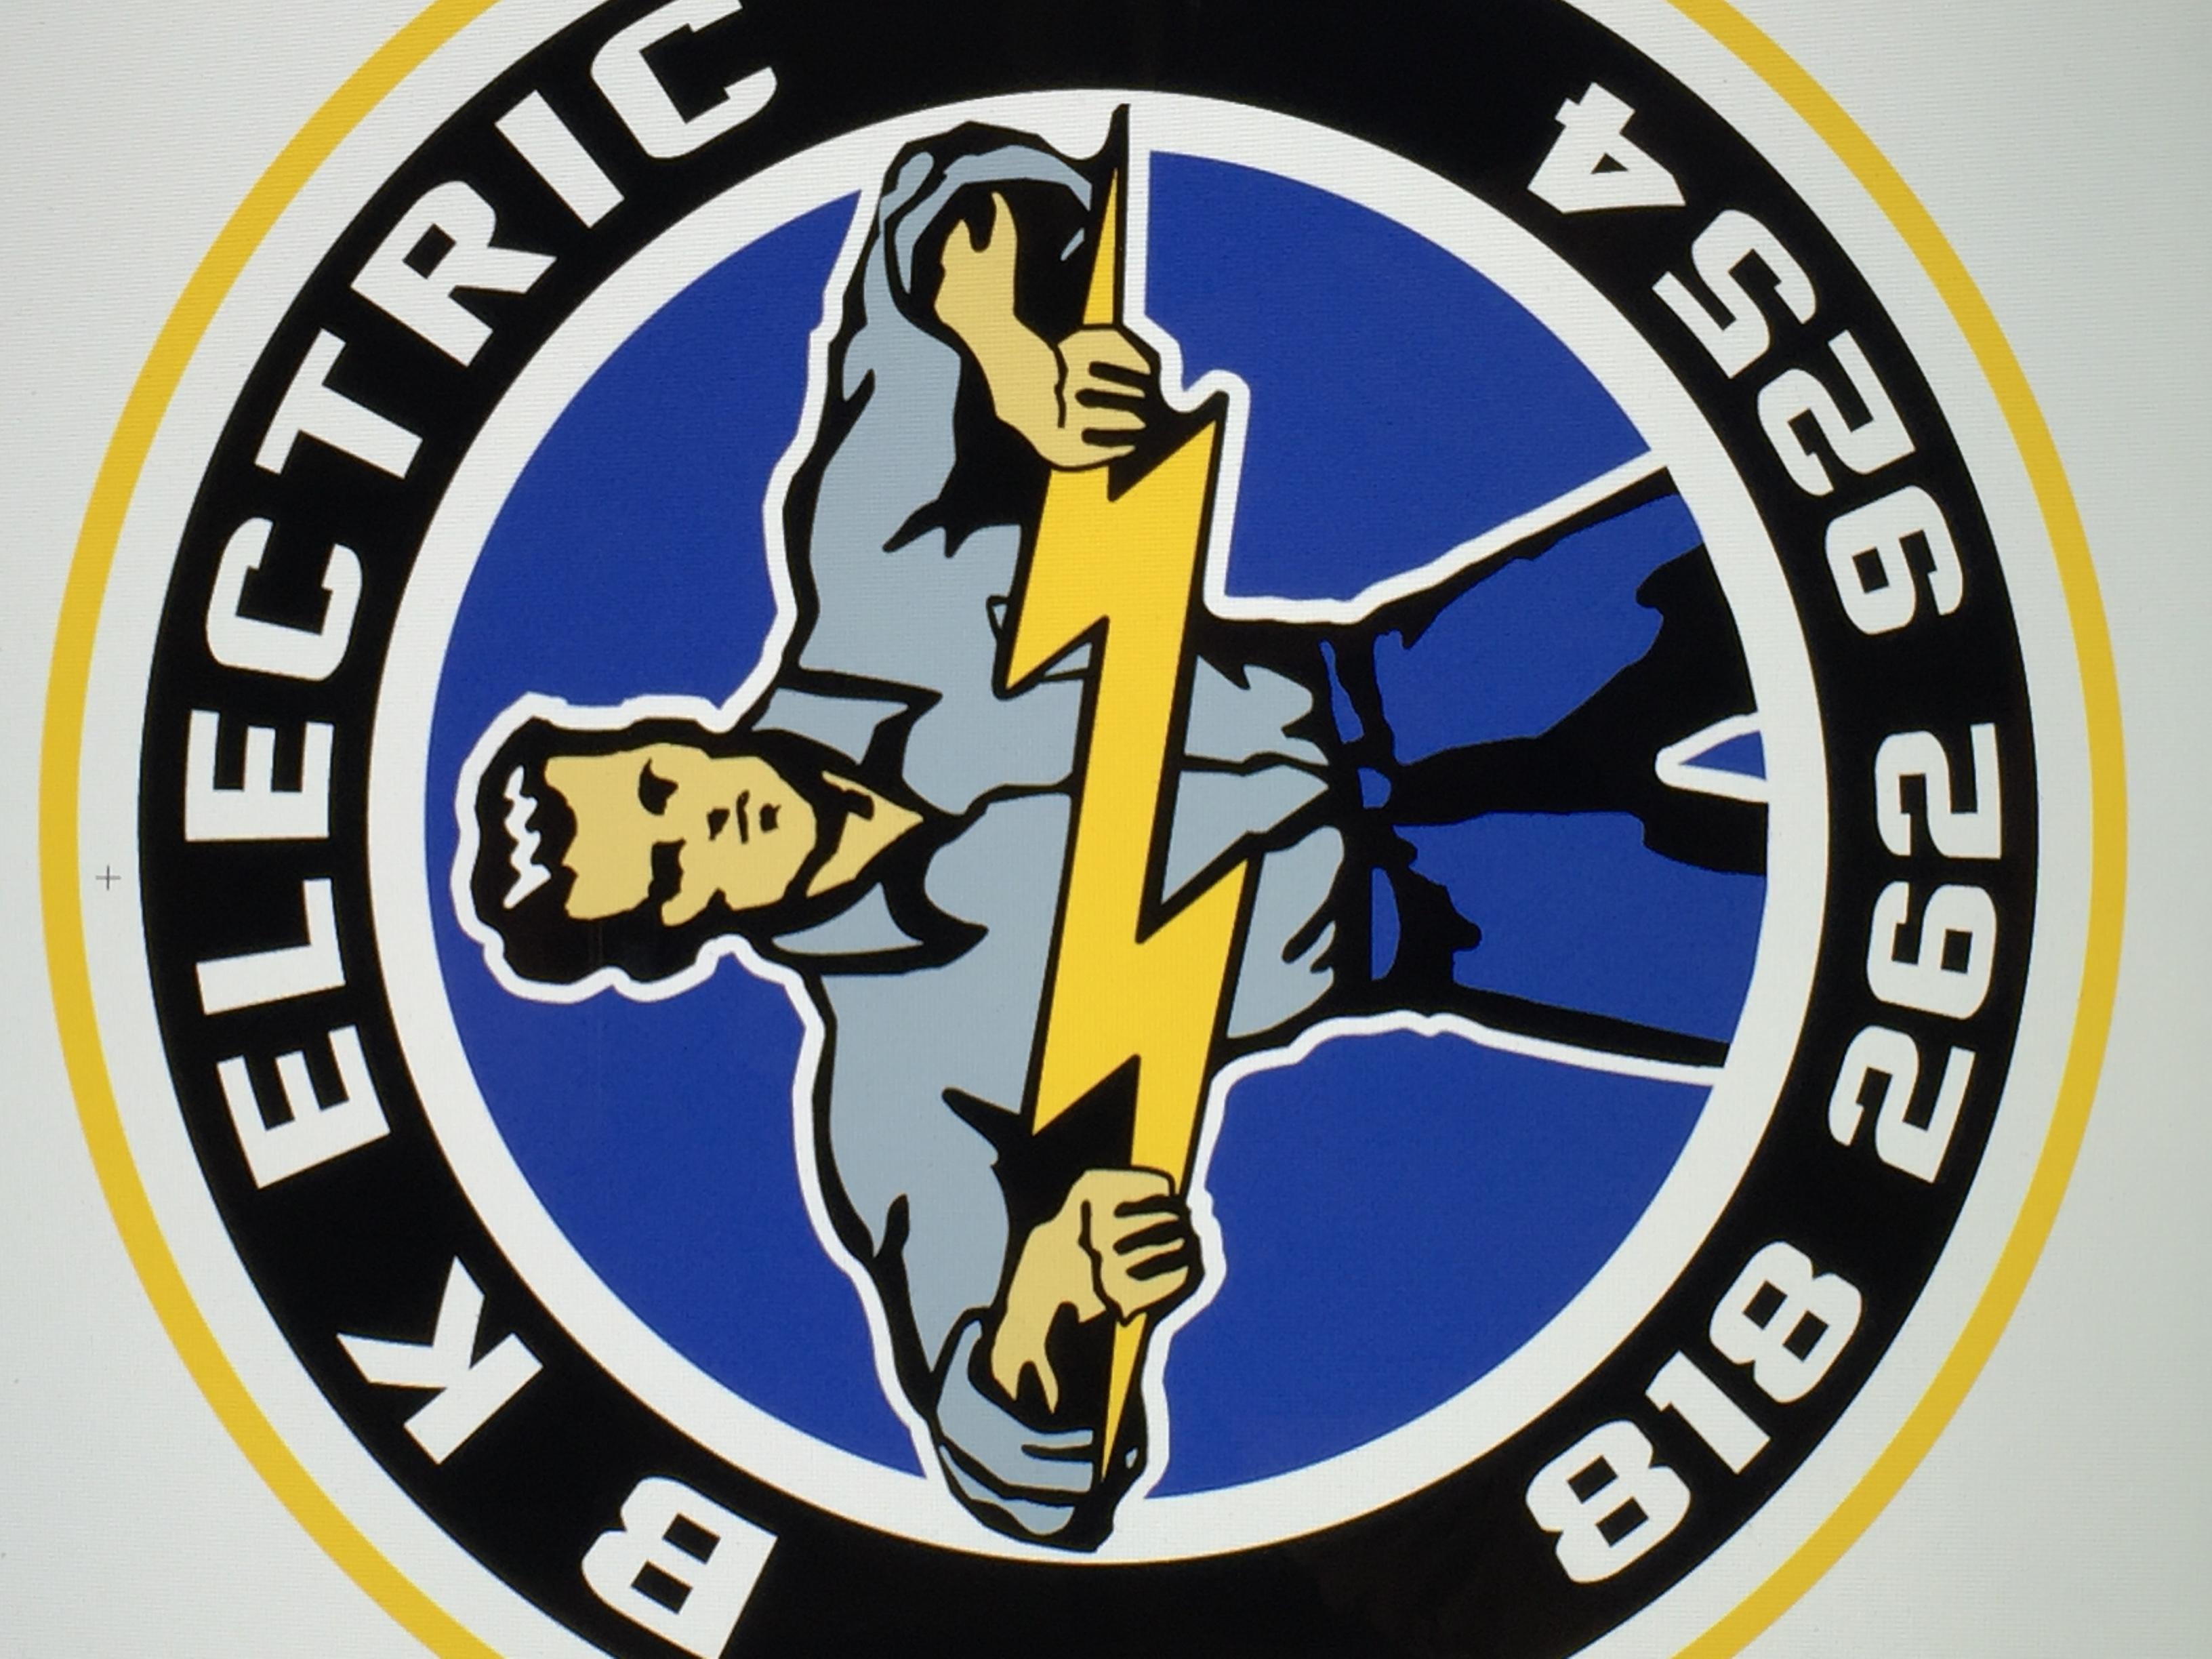 BK Electric logo